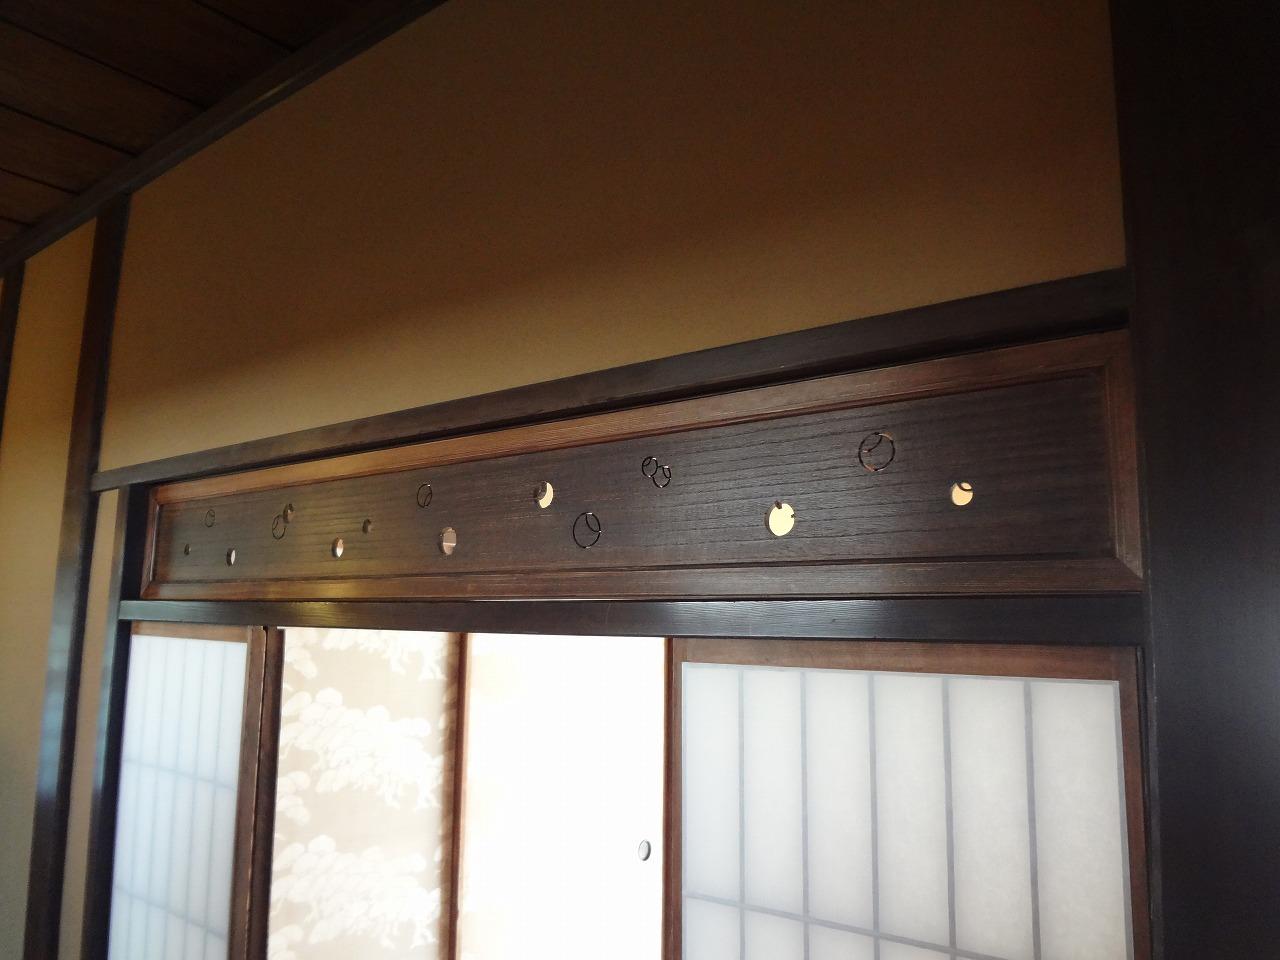 和風建築の魅力あふれるお屋敷│旧安田楠雄邸見学_b0274159_11090146.jpg